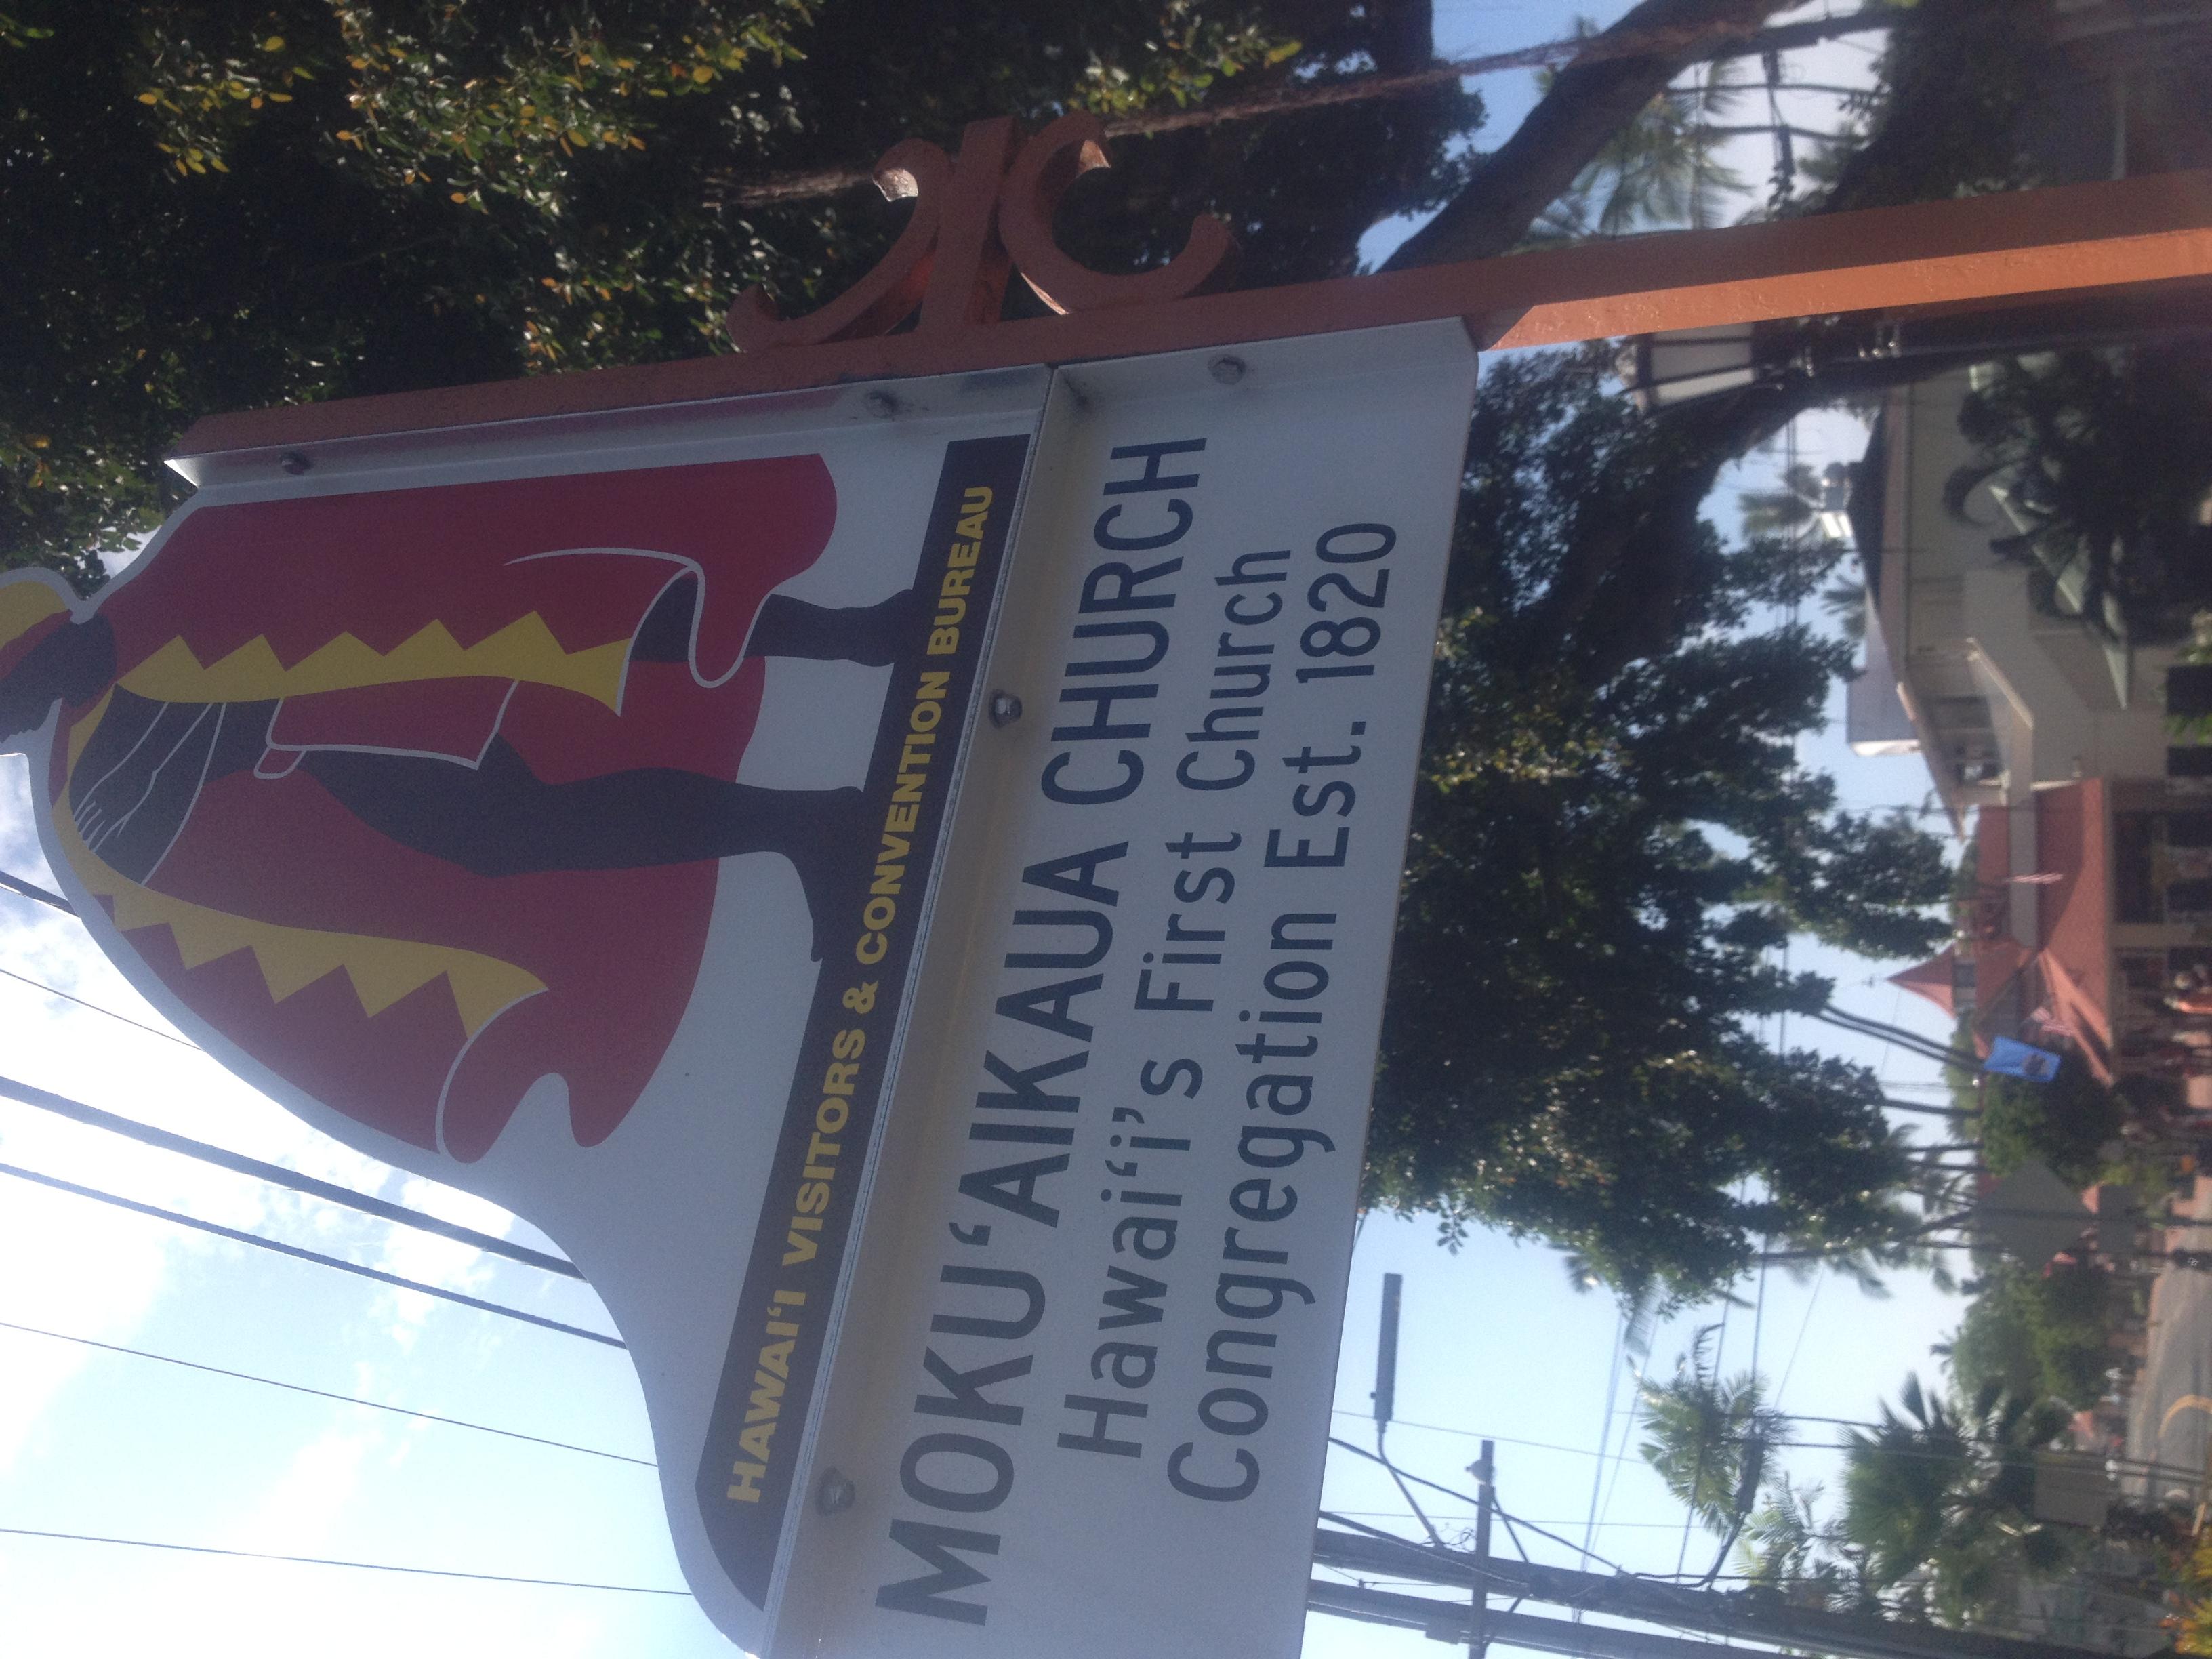 K church in Hawaii